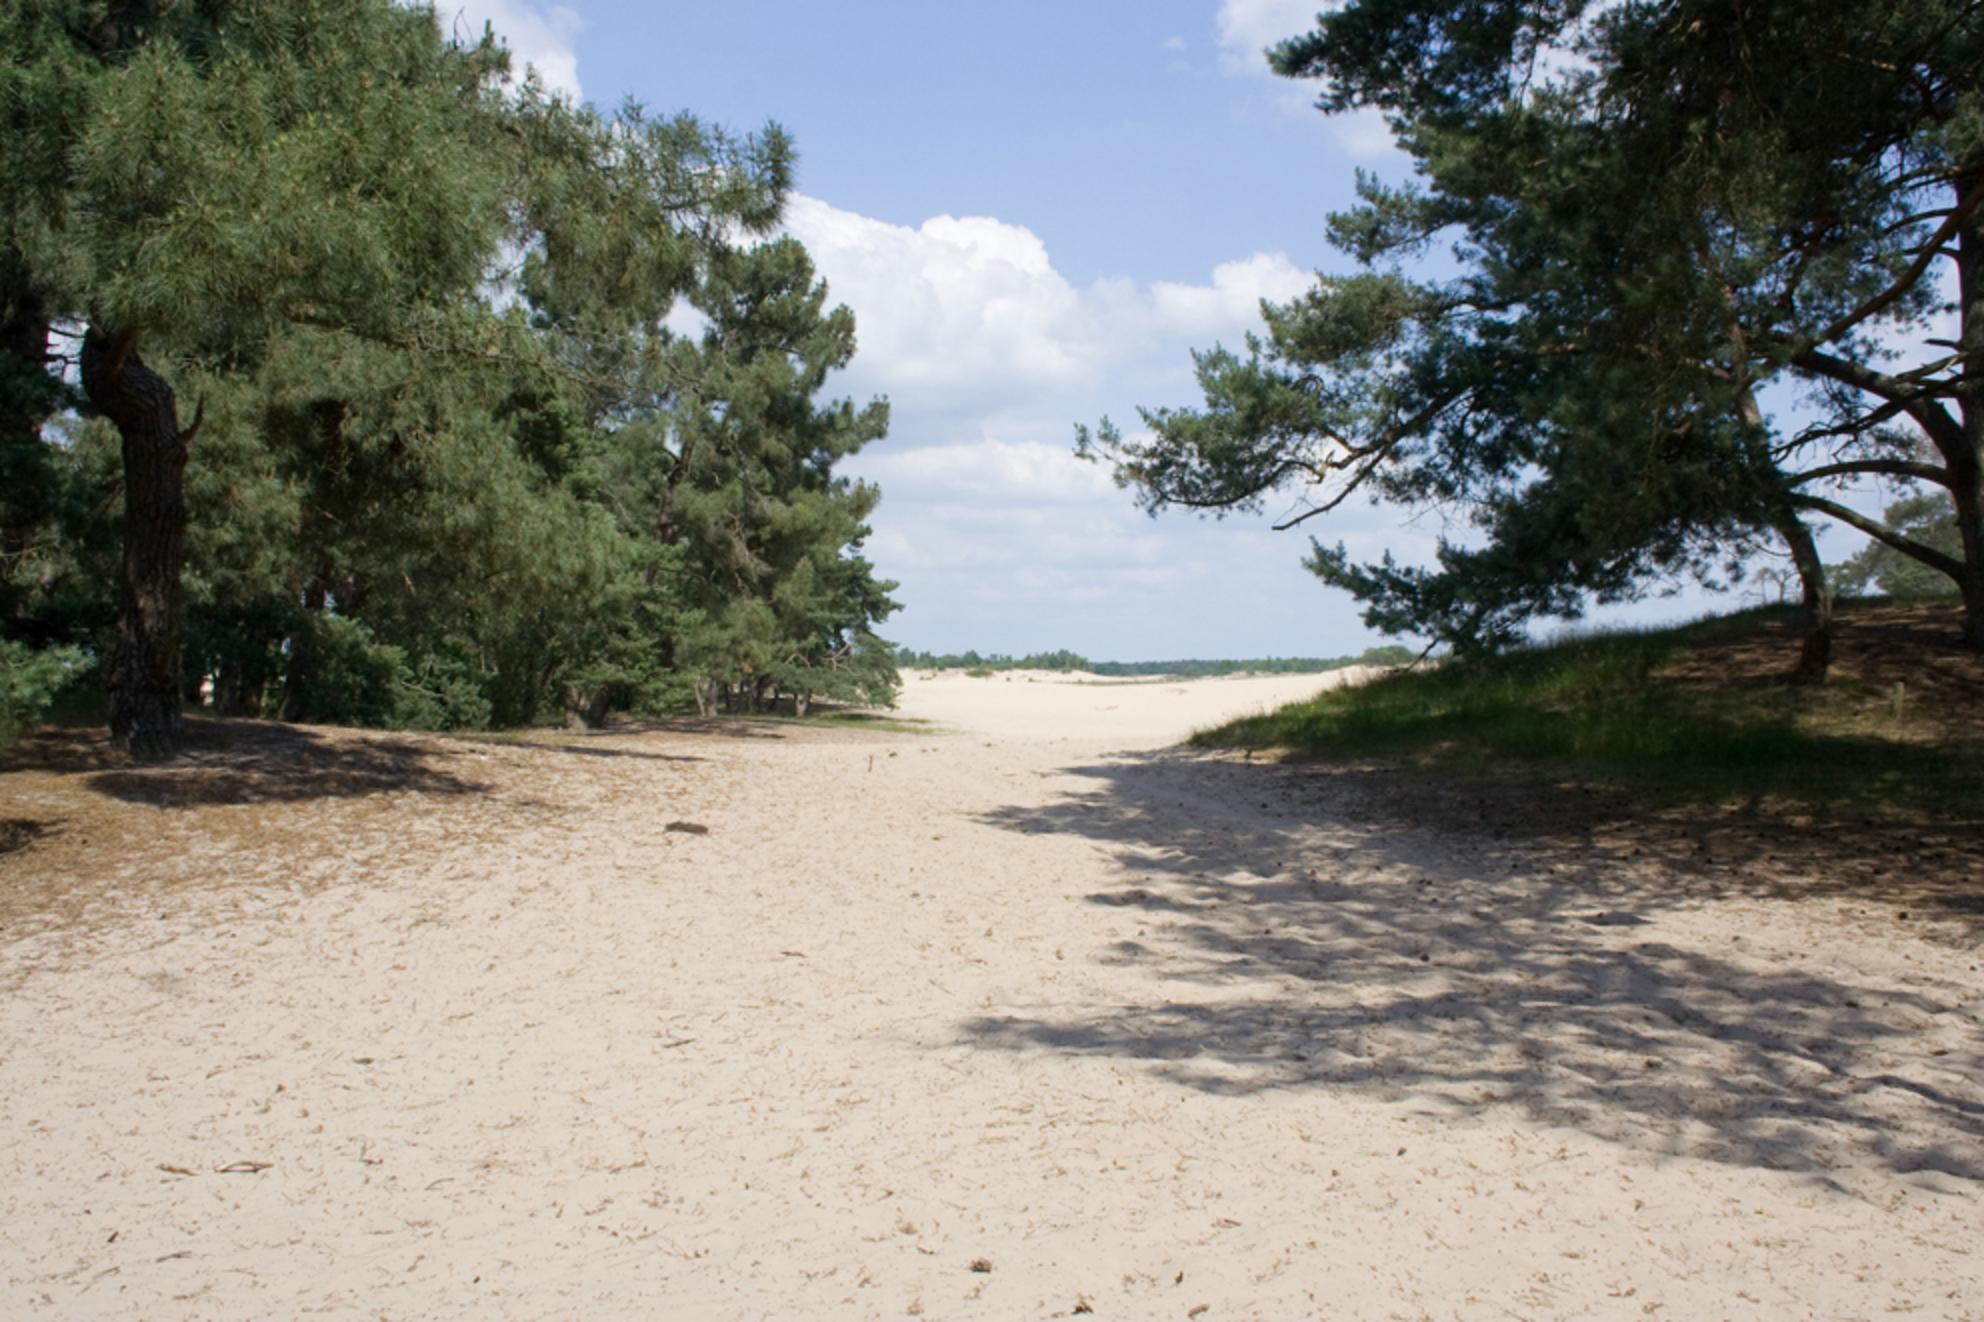 Loonse en Drunense duinen 1 - Op 23 juni waren wij 20 jaar getrouwd. Om die dag te vieren zijn we naar de Loonse en Drunense duinen geweest. Erg mooi was het daar. En daarom een k - foto door CorKnobbe op 09-07-2009 - deze foto bevat: landschap, duinen, zand, Loonse en Drunebse duinen